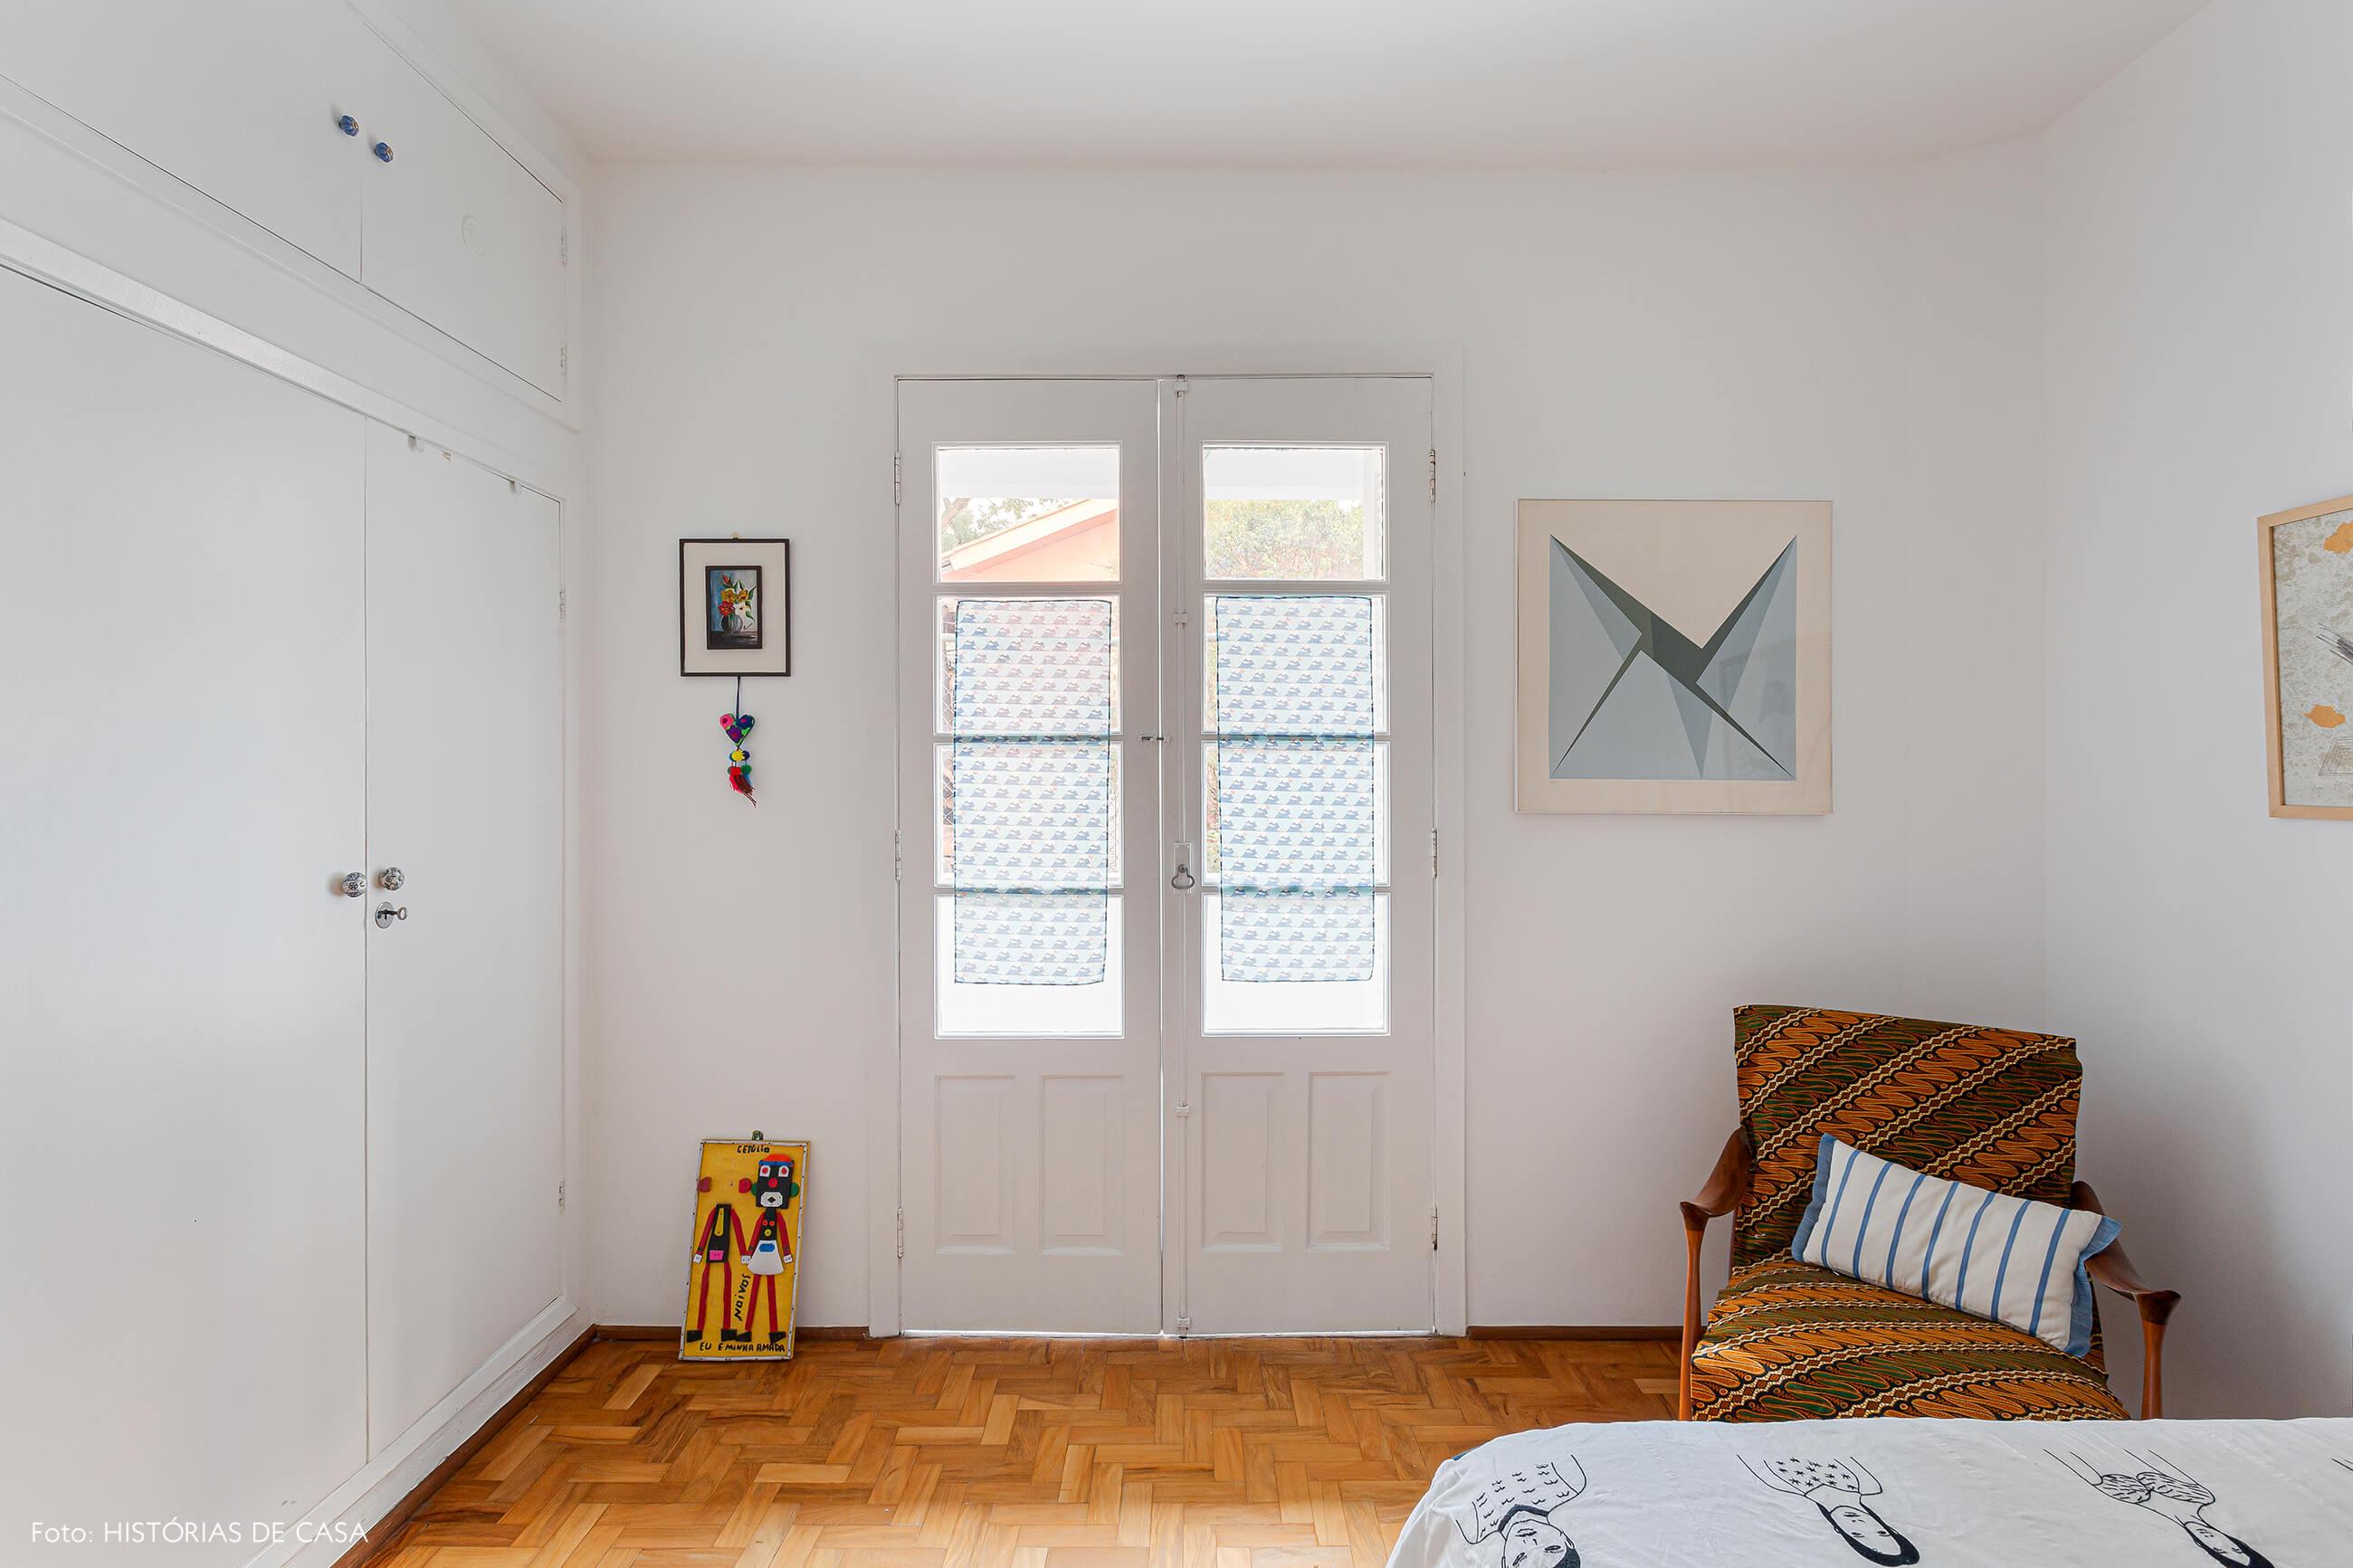 Quarto branco, parede de tijolos de vidro e portas de madeira